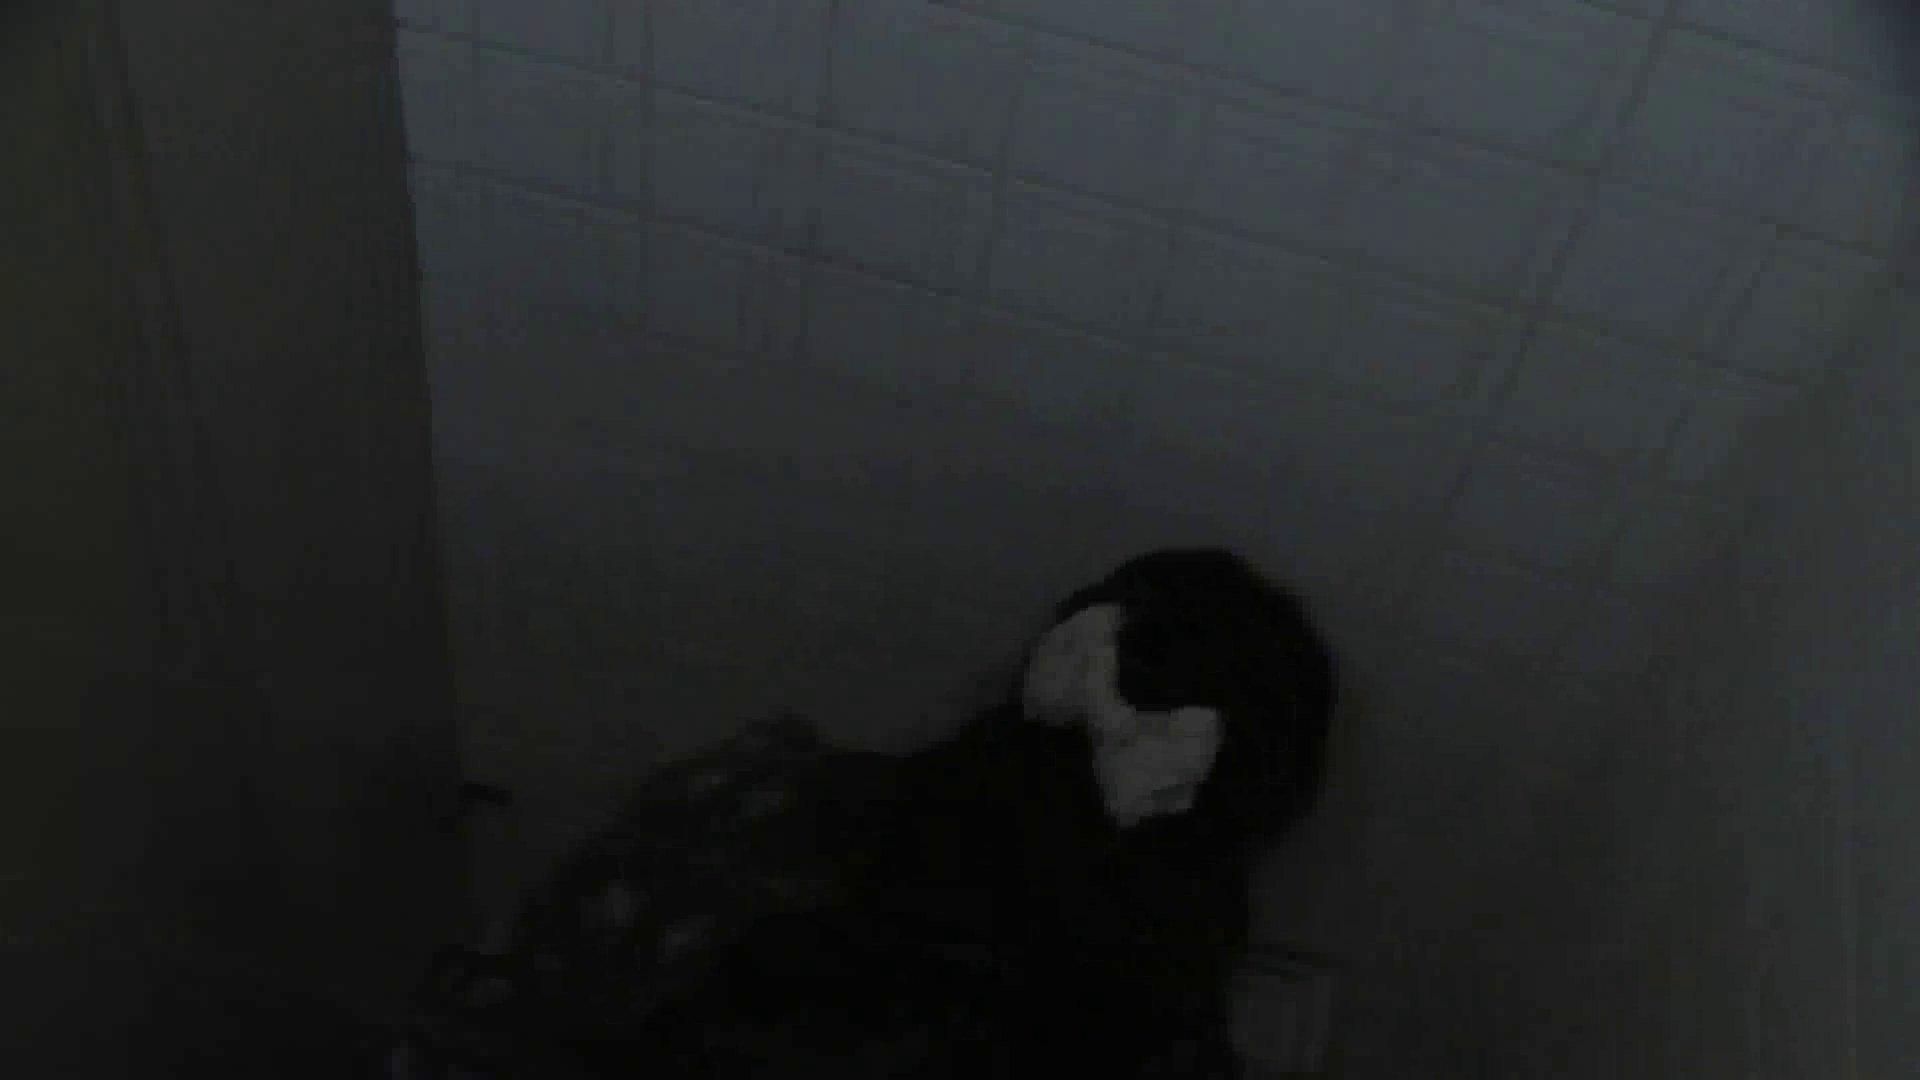 【美しき個室な世界】 vol.018 ピンクのおネエタン 洗面所のぞき | 0  81枚 29